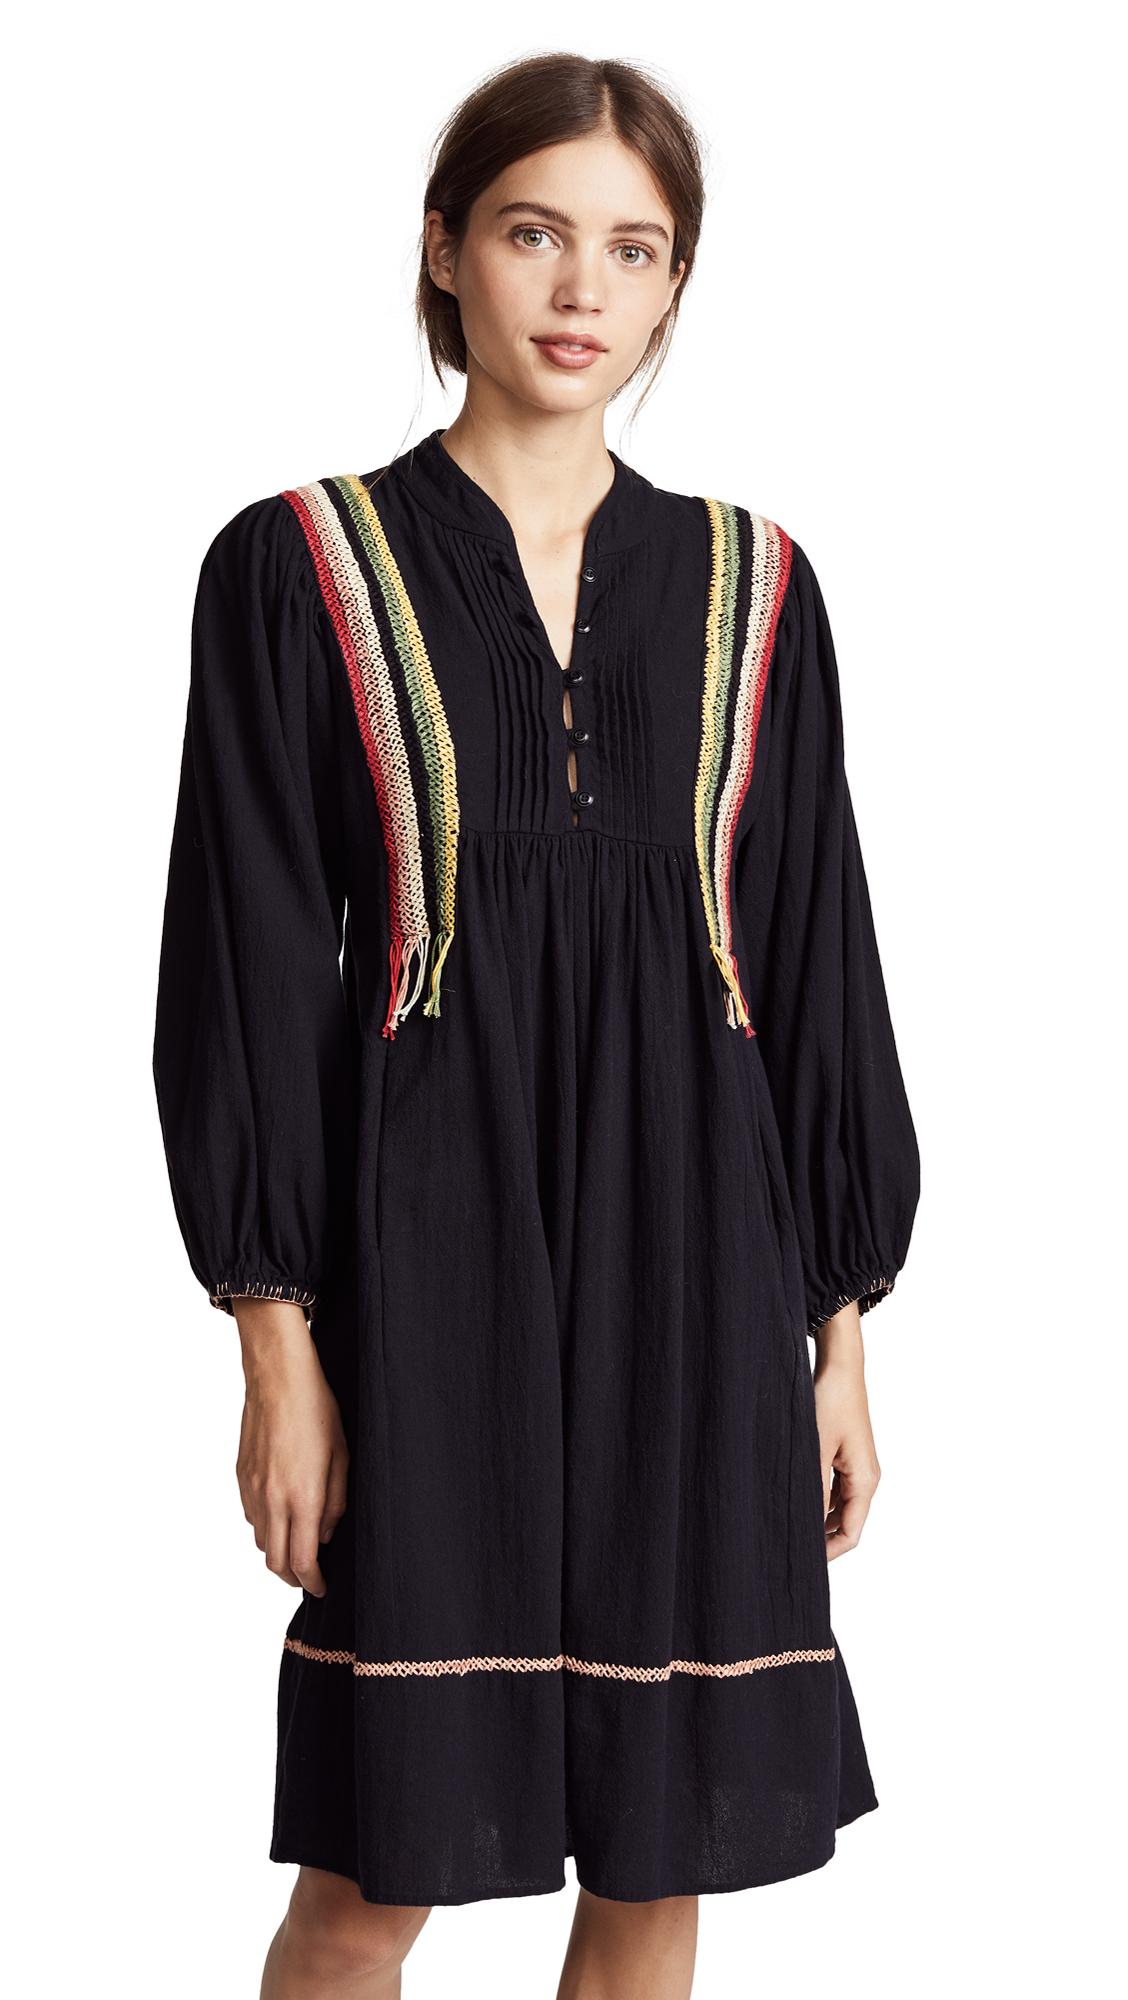 mandarin collar relaxed fit shirt dress